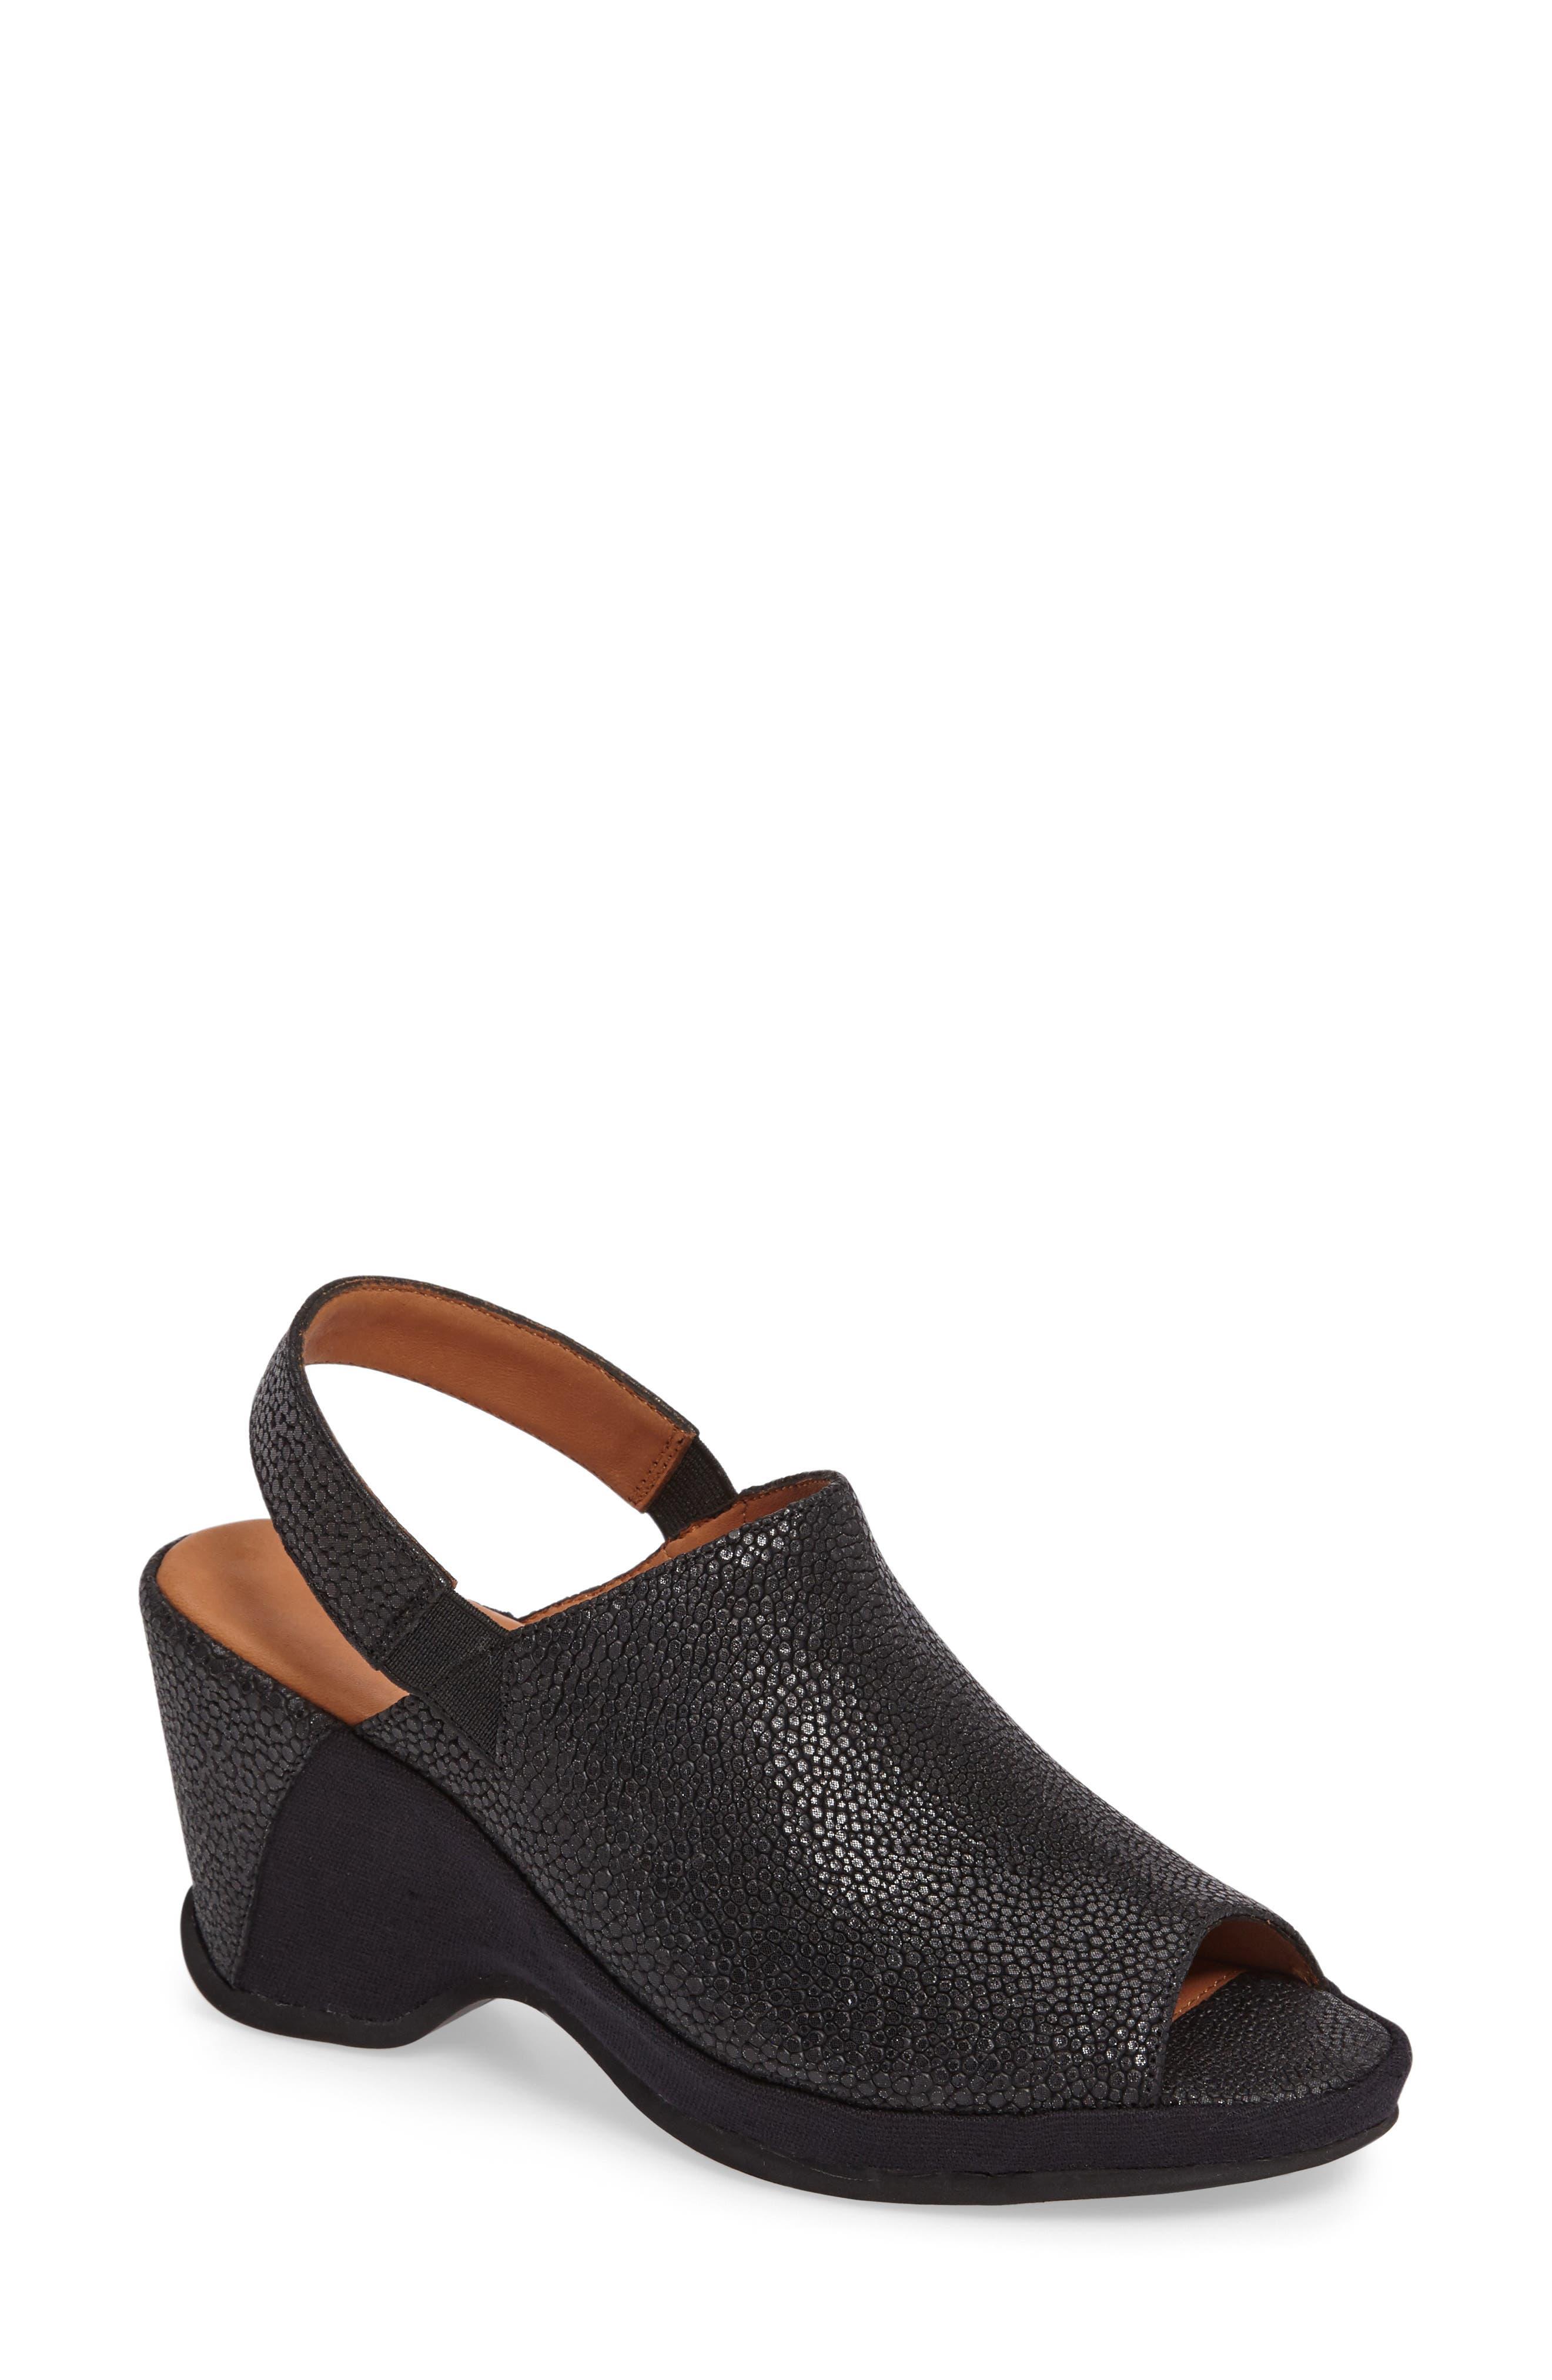 Orvelle Slingback Sandal,                         Main,                         color, 001